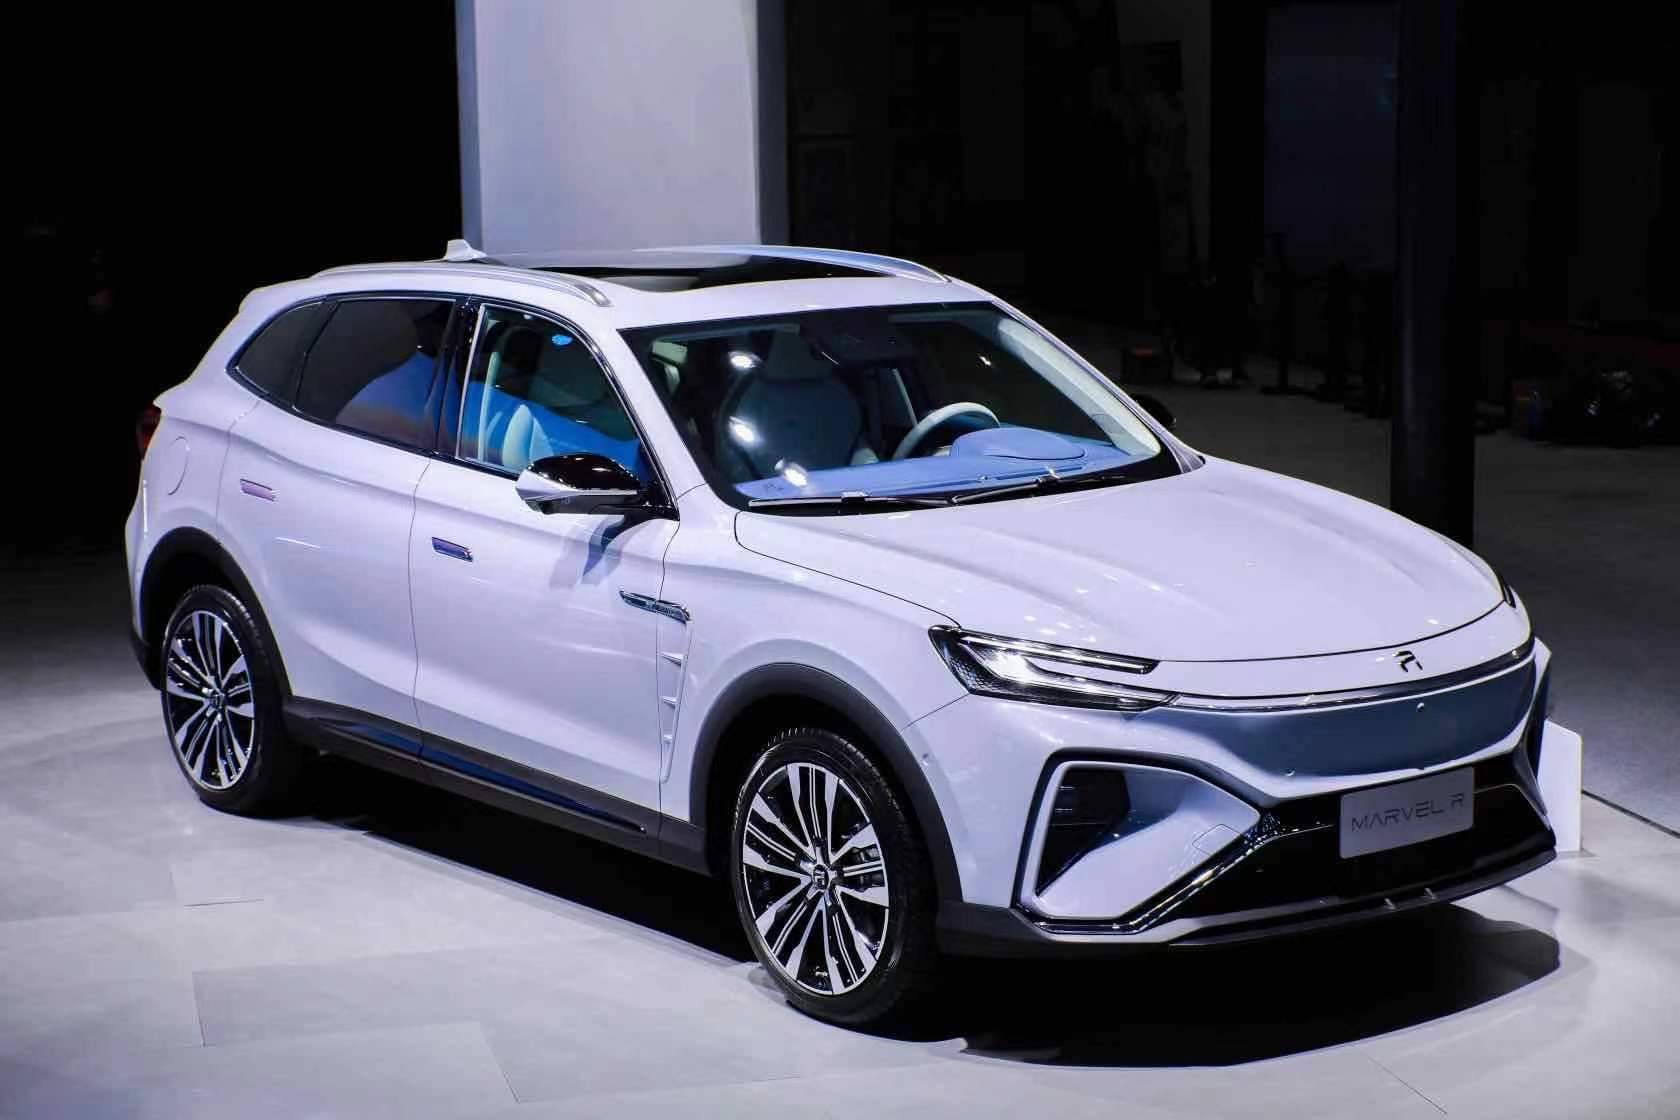 全球首款5G车 MARVEL R将于2月7日上市-XI全网